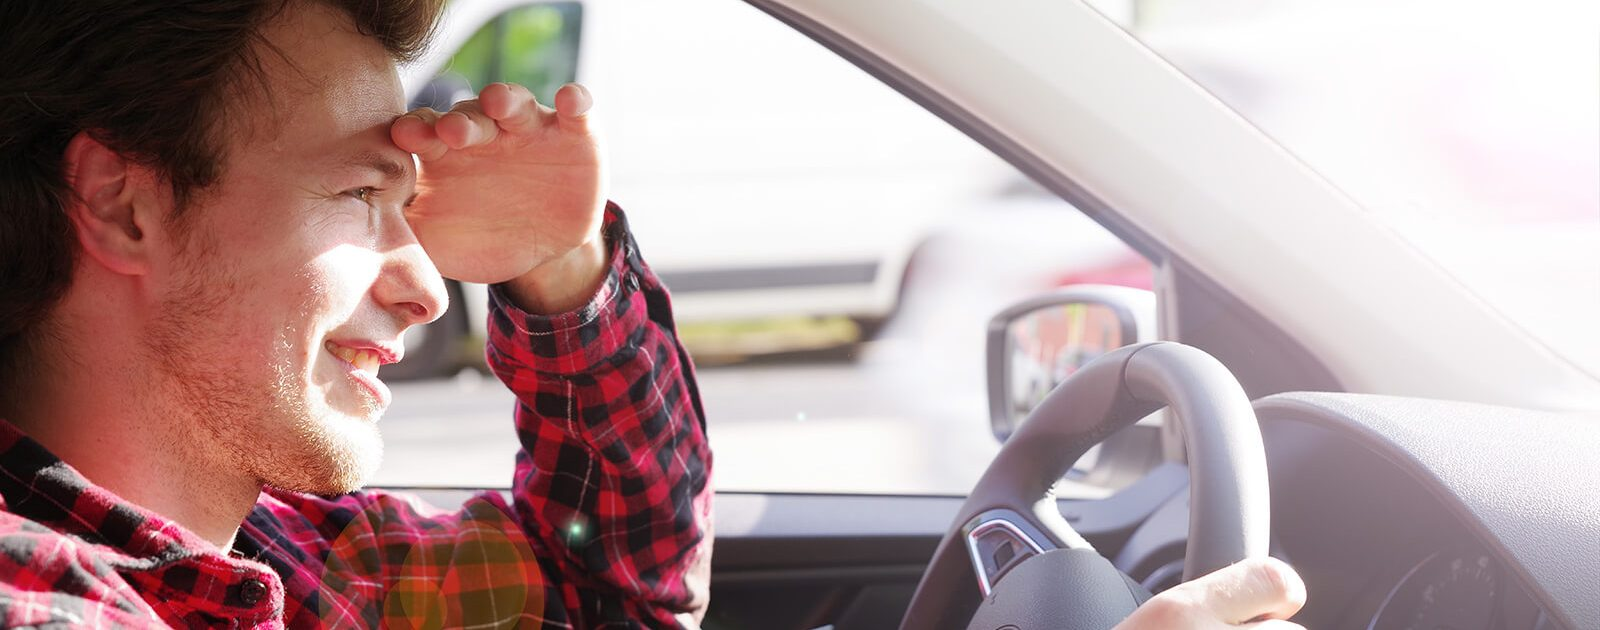 Mann mit müden Augen durch Autofahrt bei tief stehender Sonne